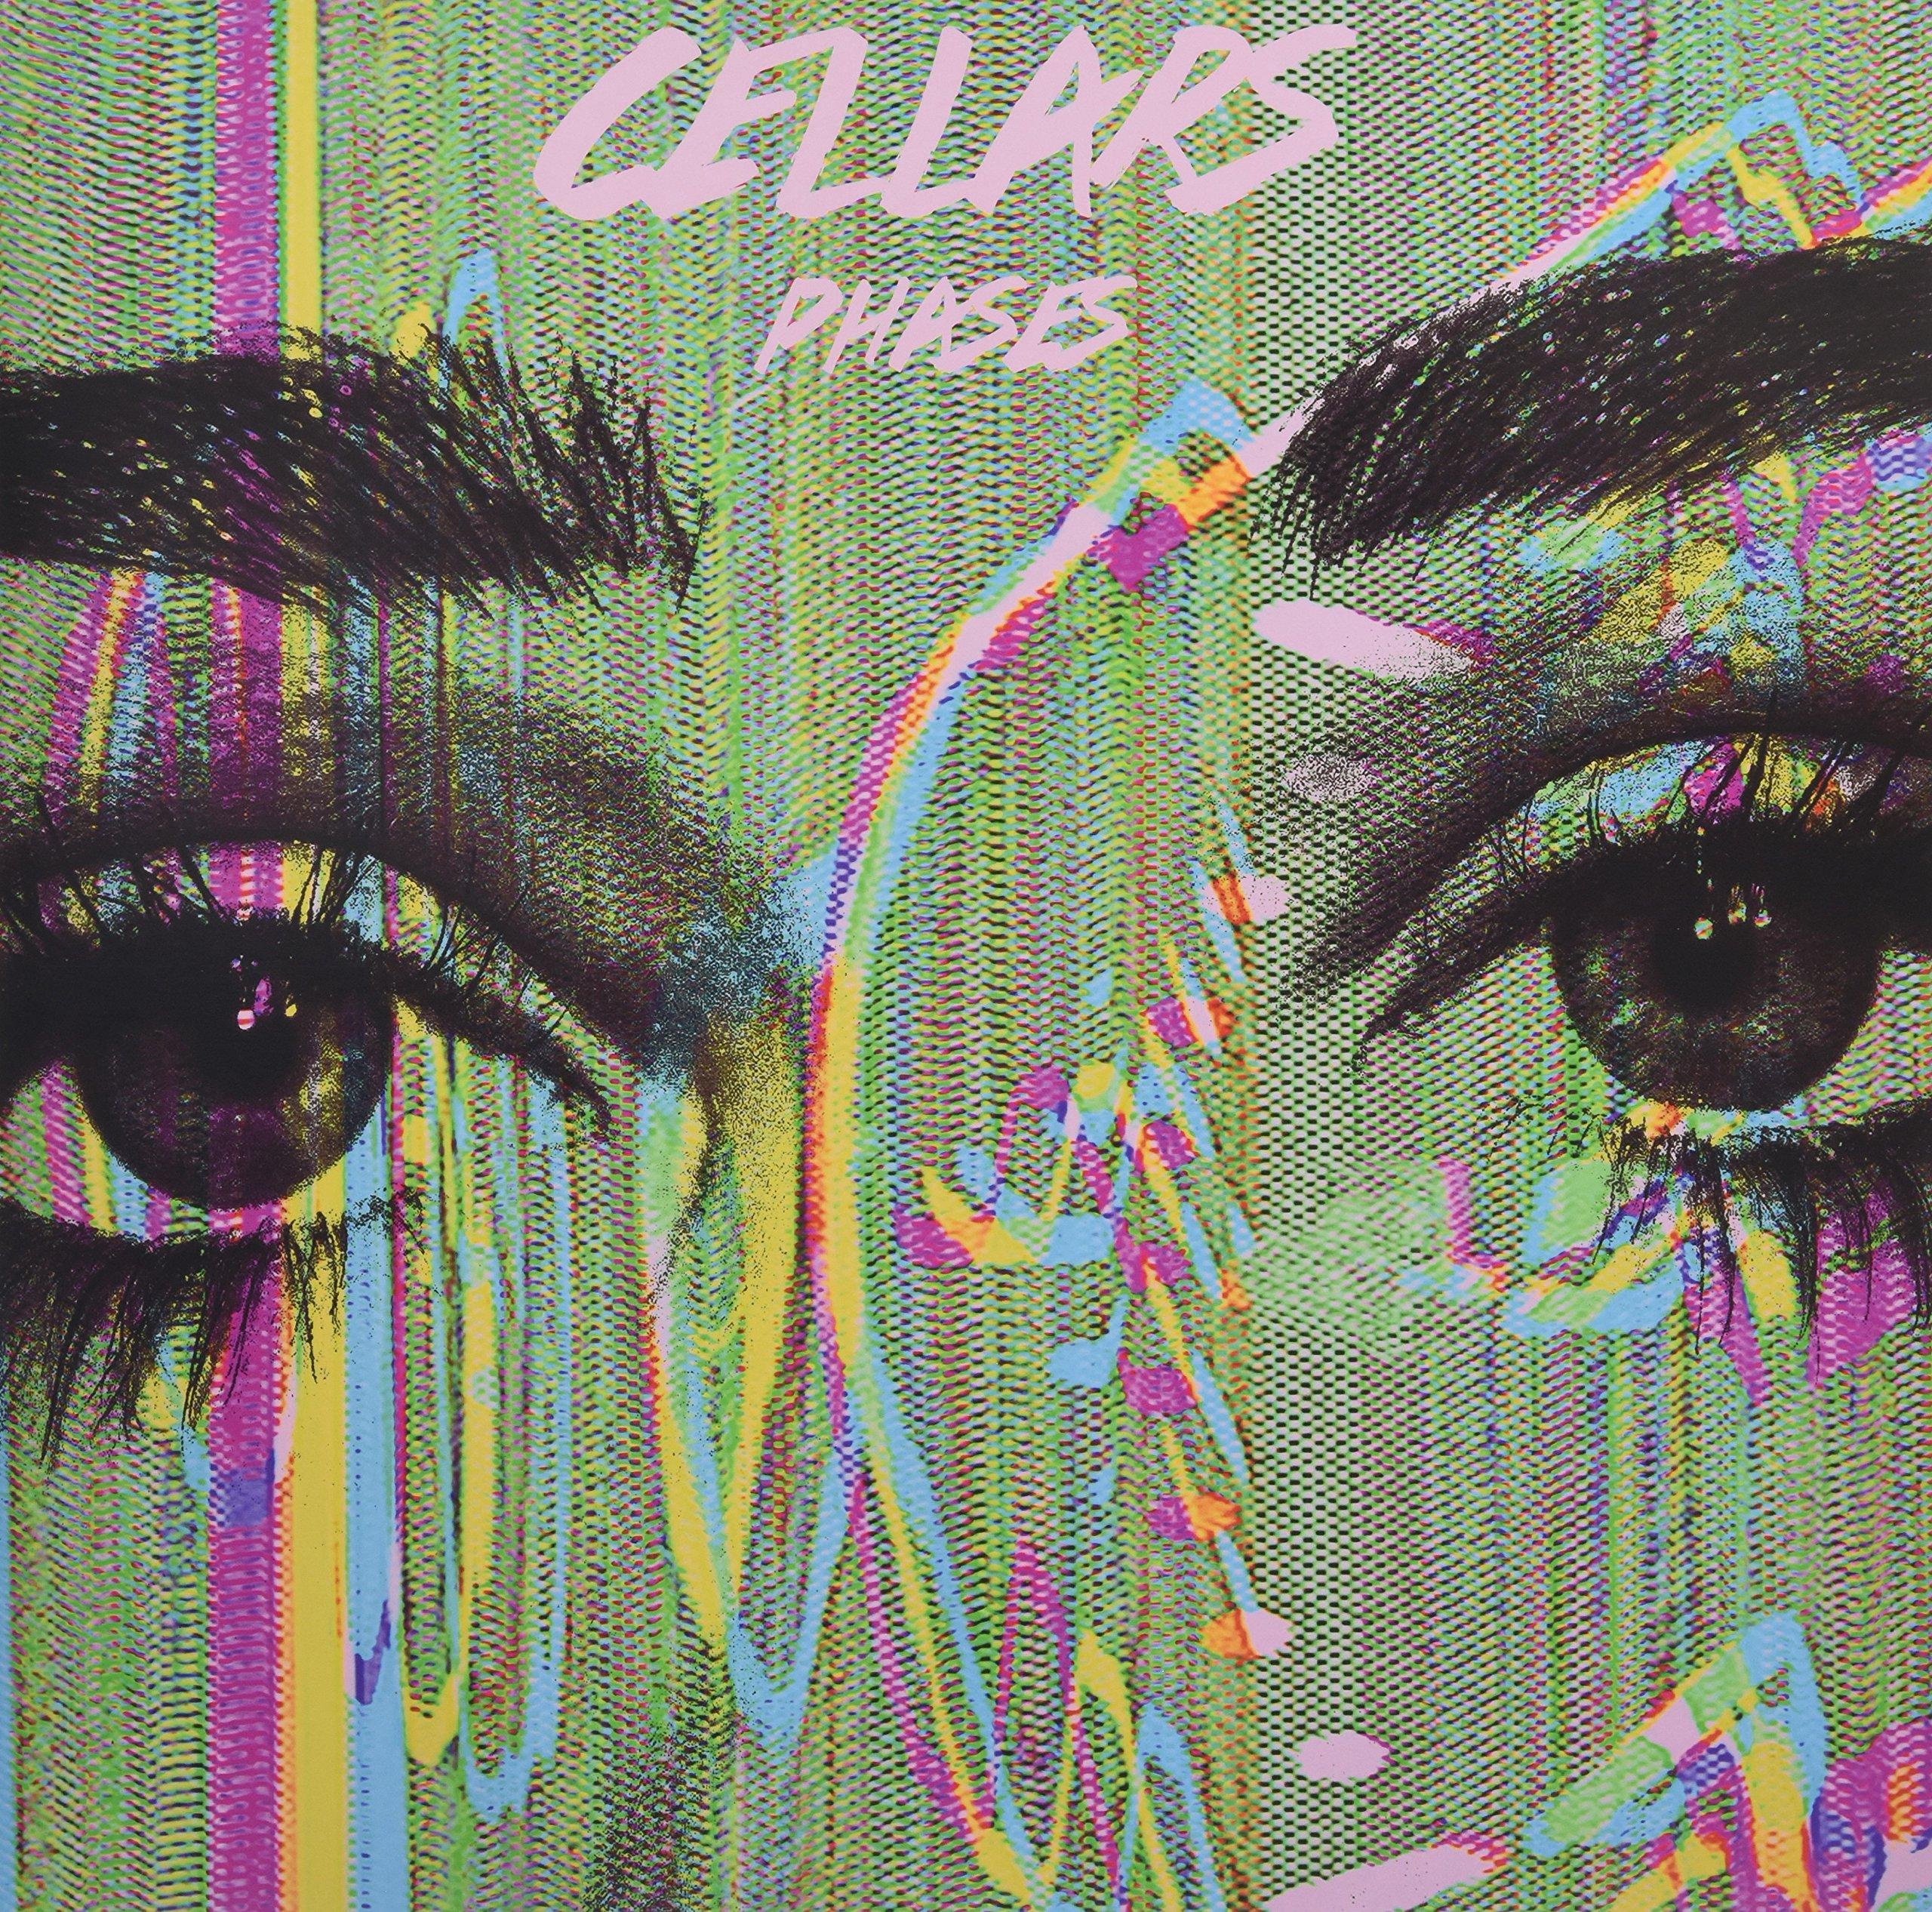 Vinilo : Cellars - Phases (LP Vinyl)